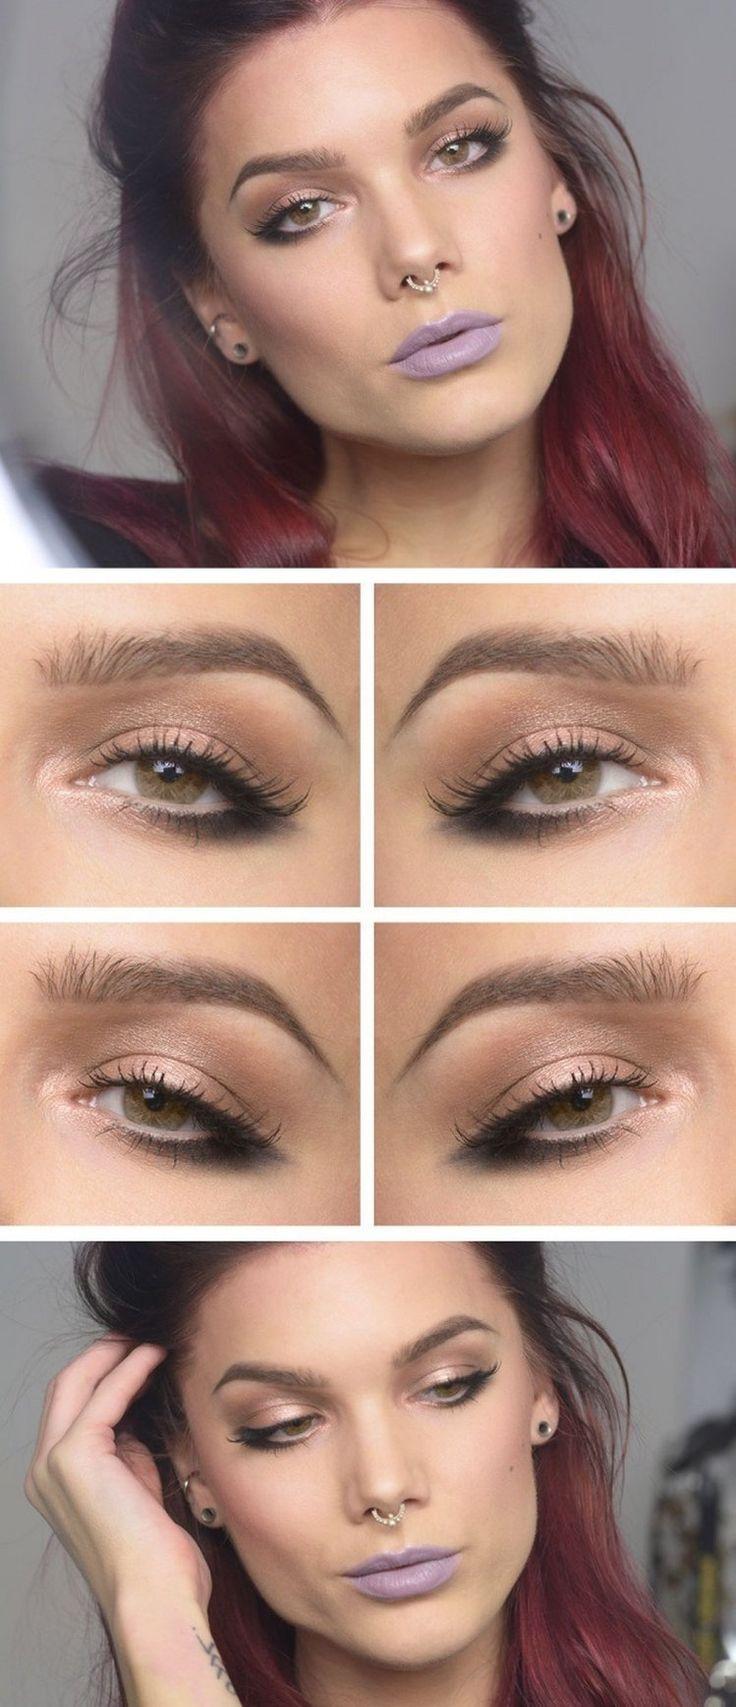 Ciekawy makijaż i stylizacja